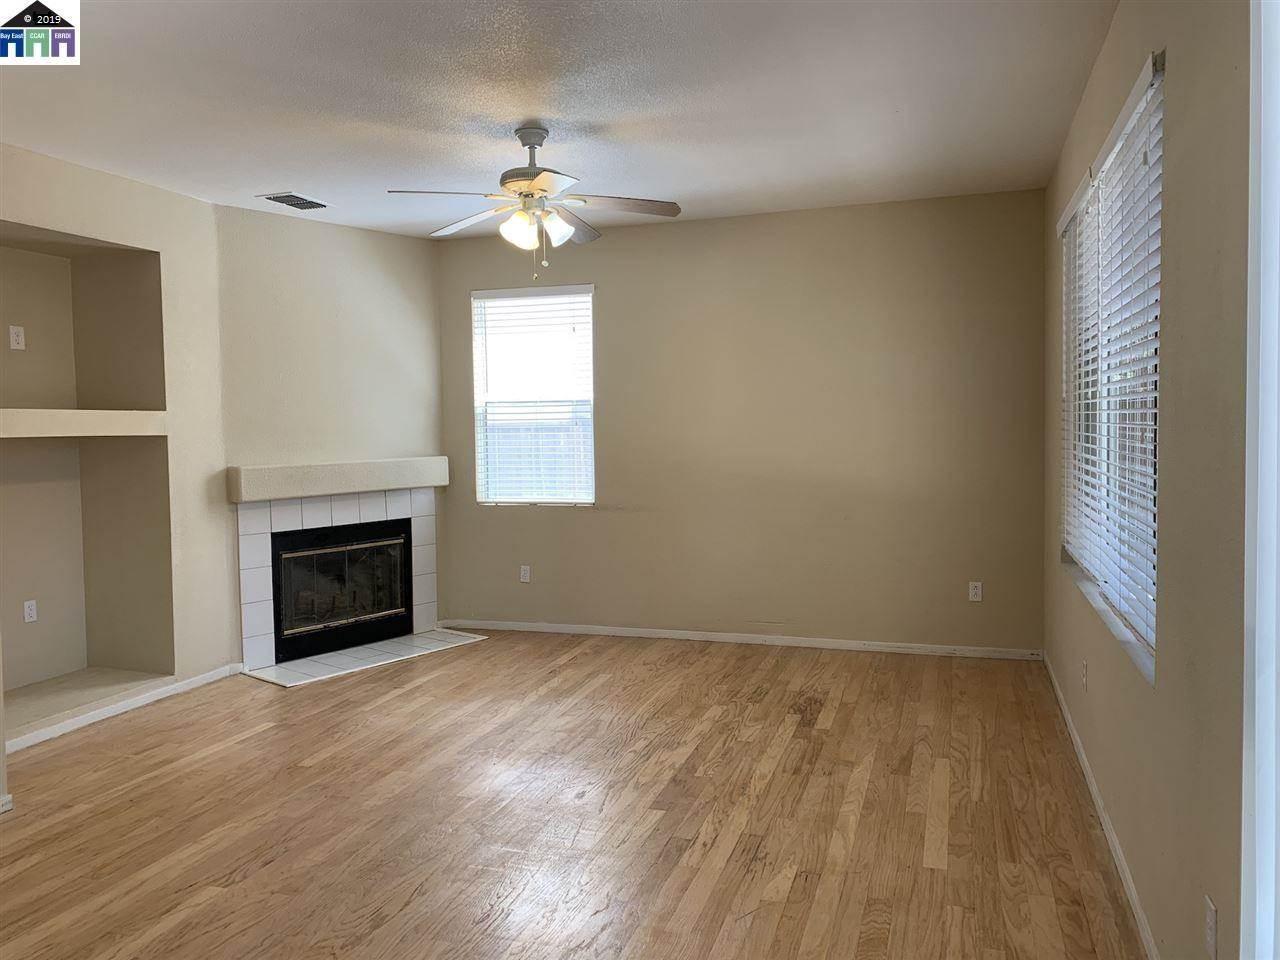 819 Springhaven Dr, Brentwood, CA 94513